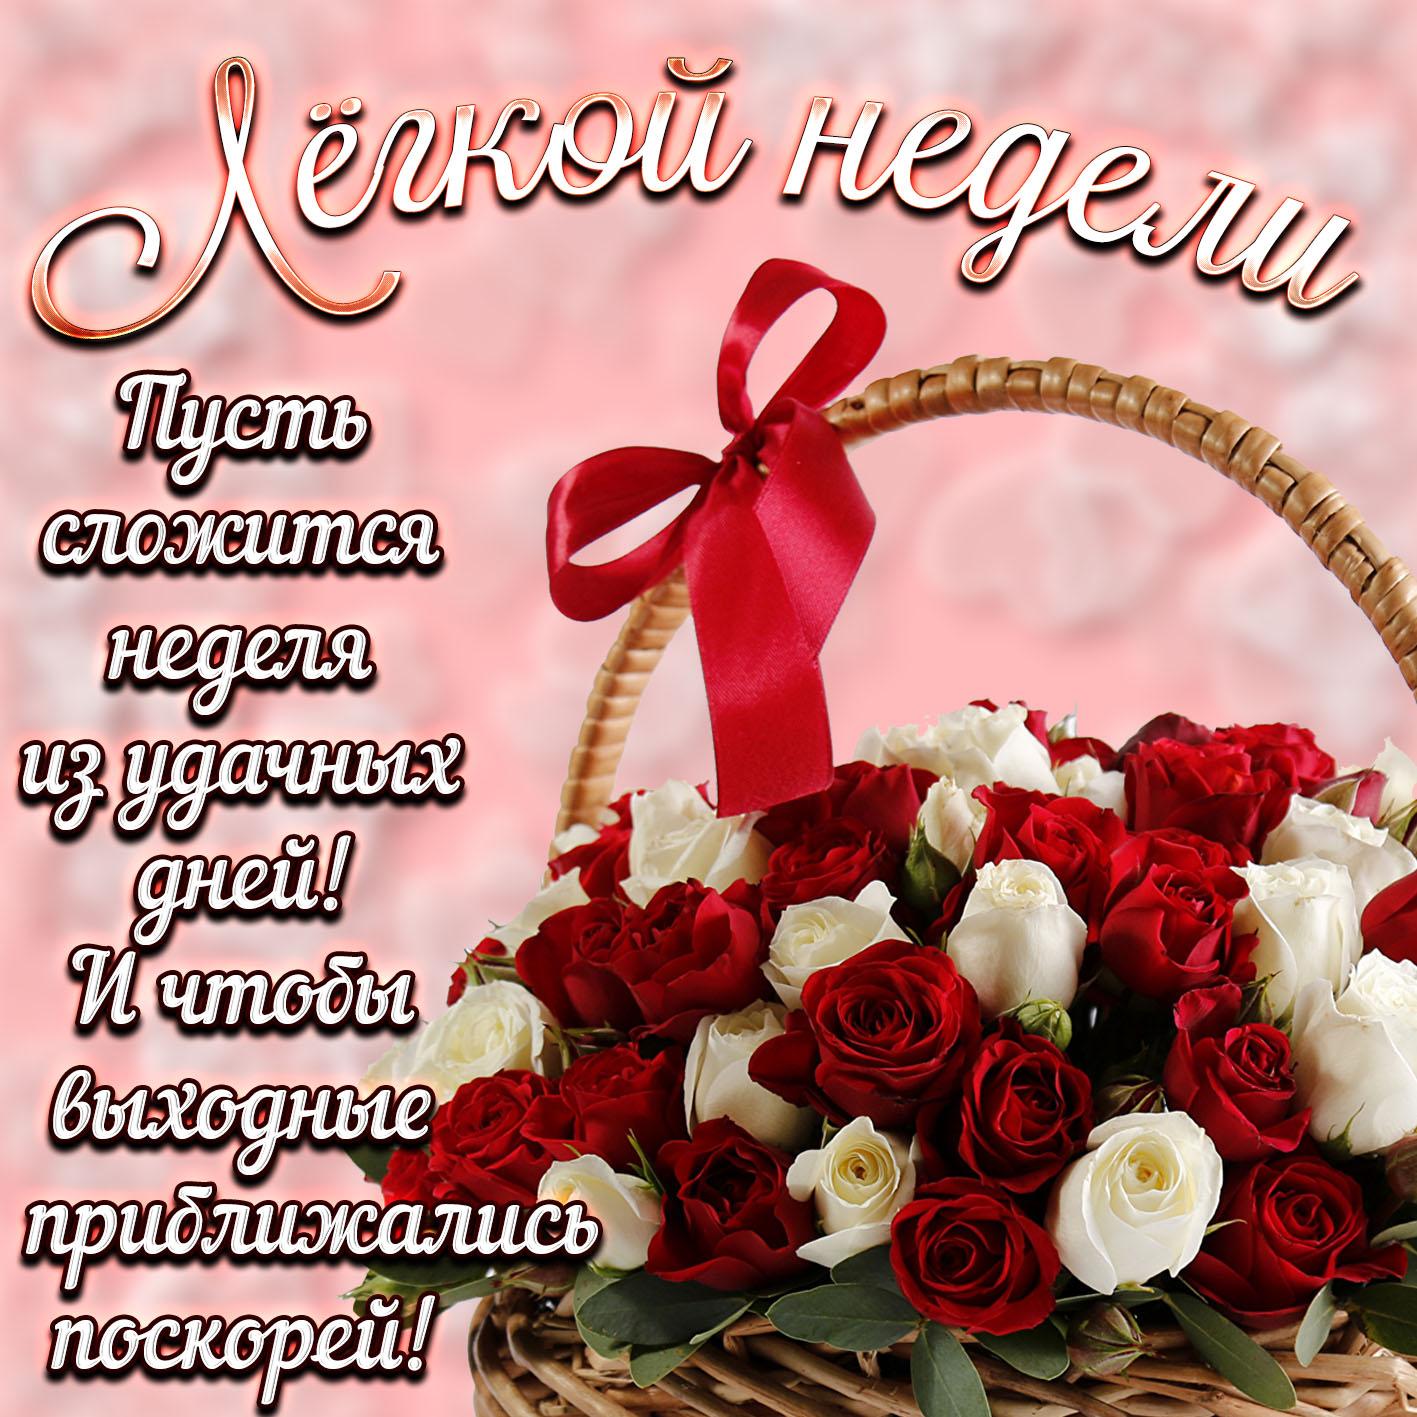 Открытка - корзинка роз с пожеланием лёгкой недели